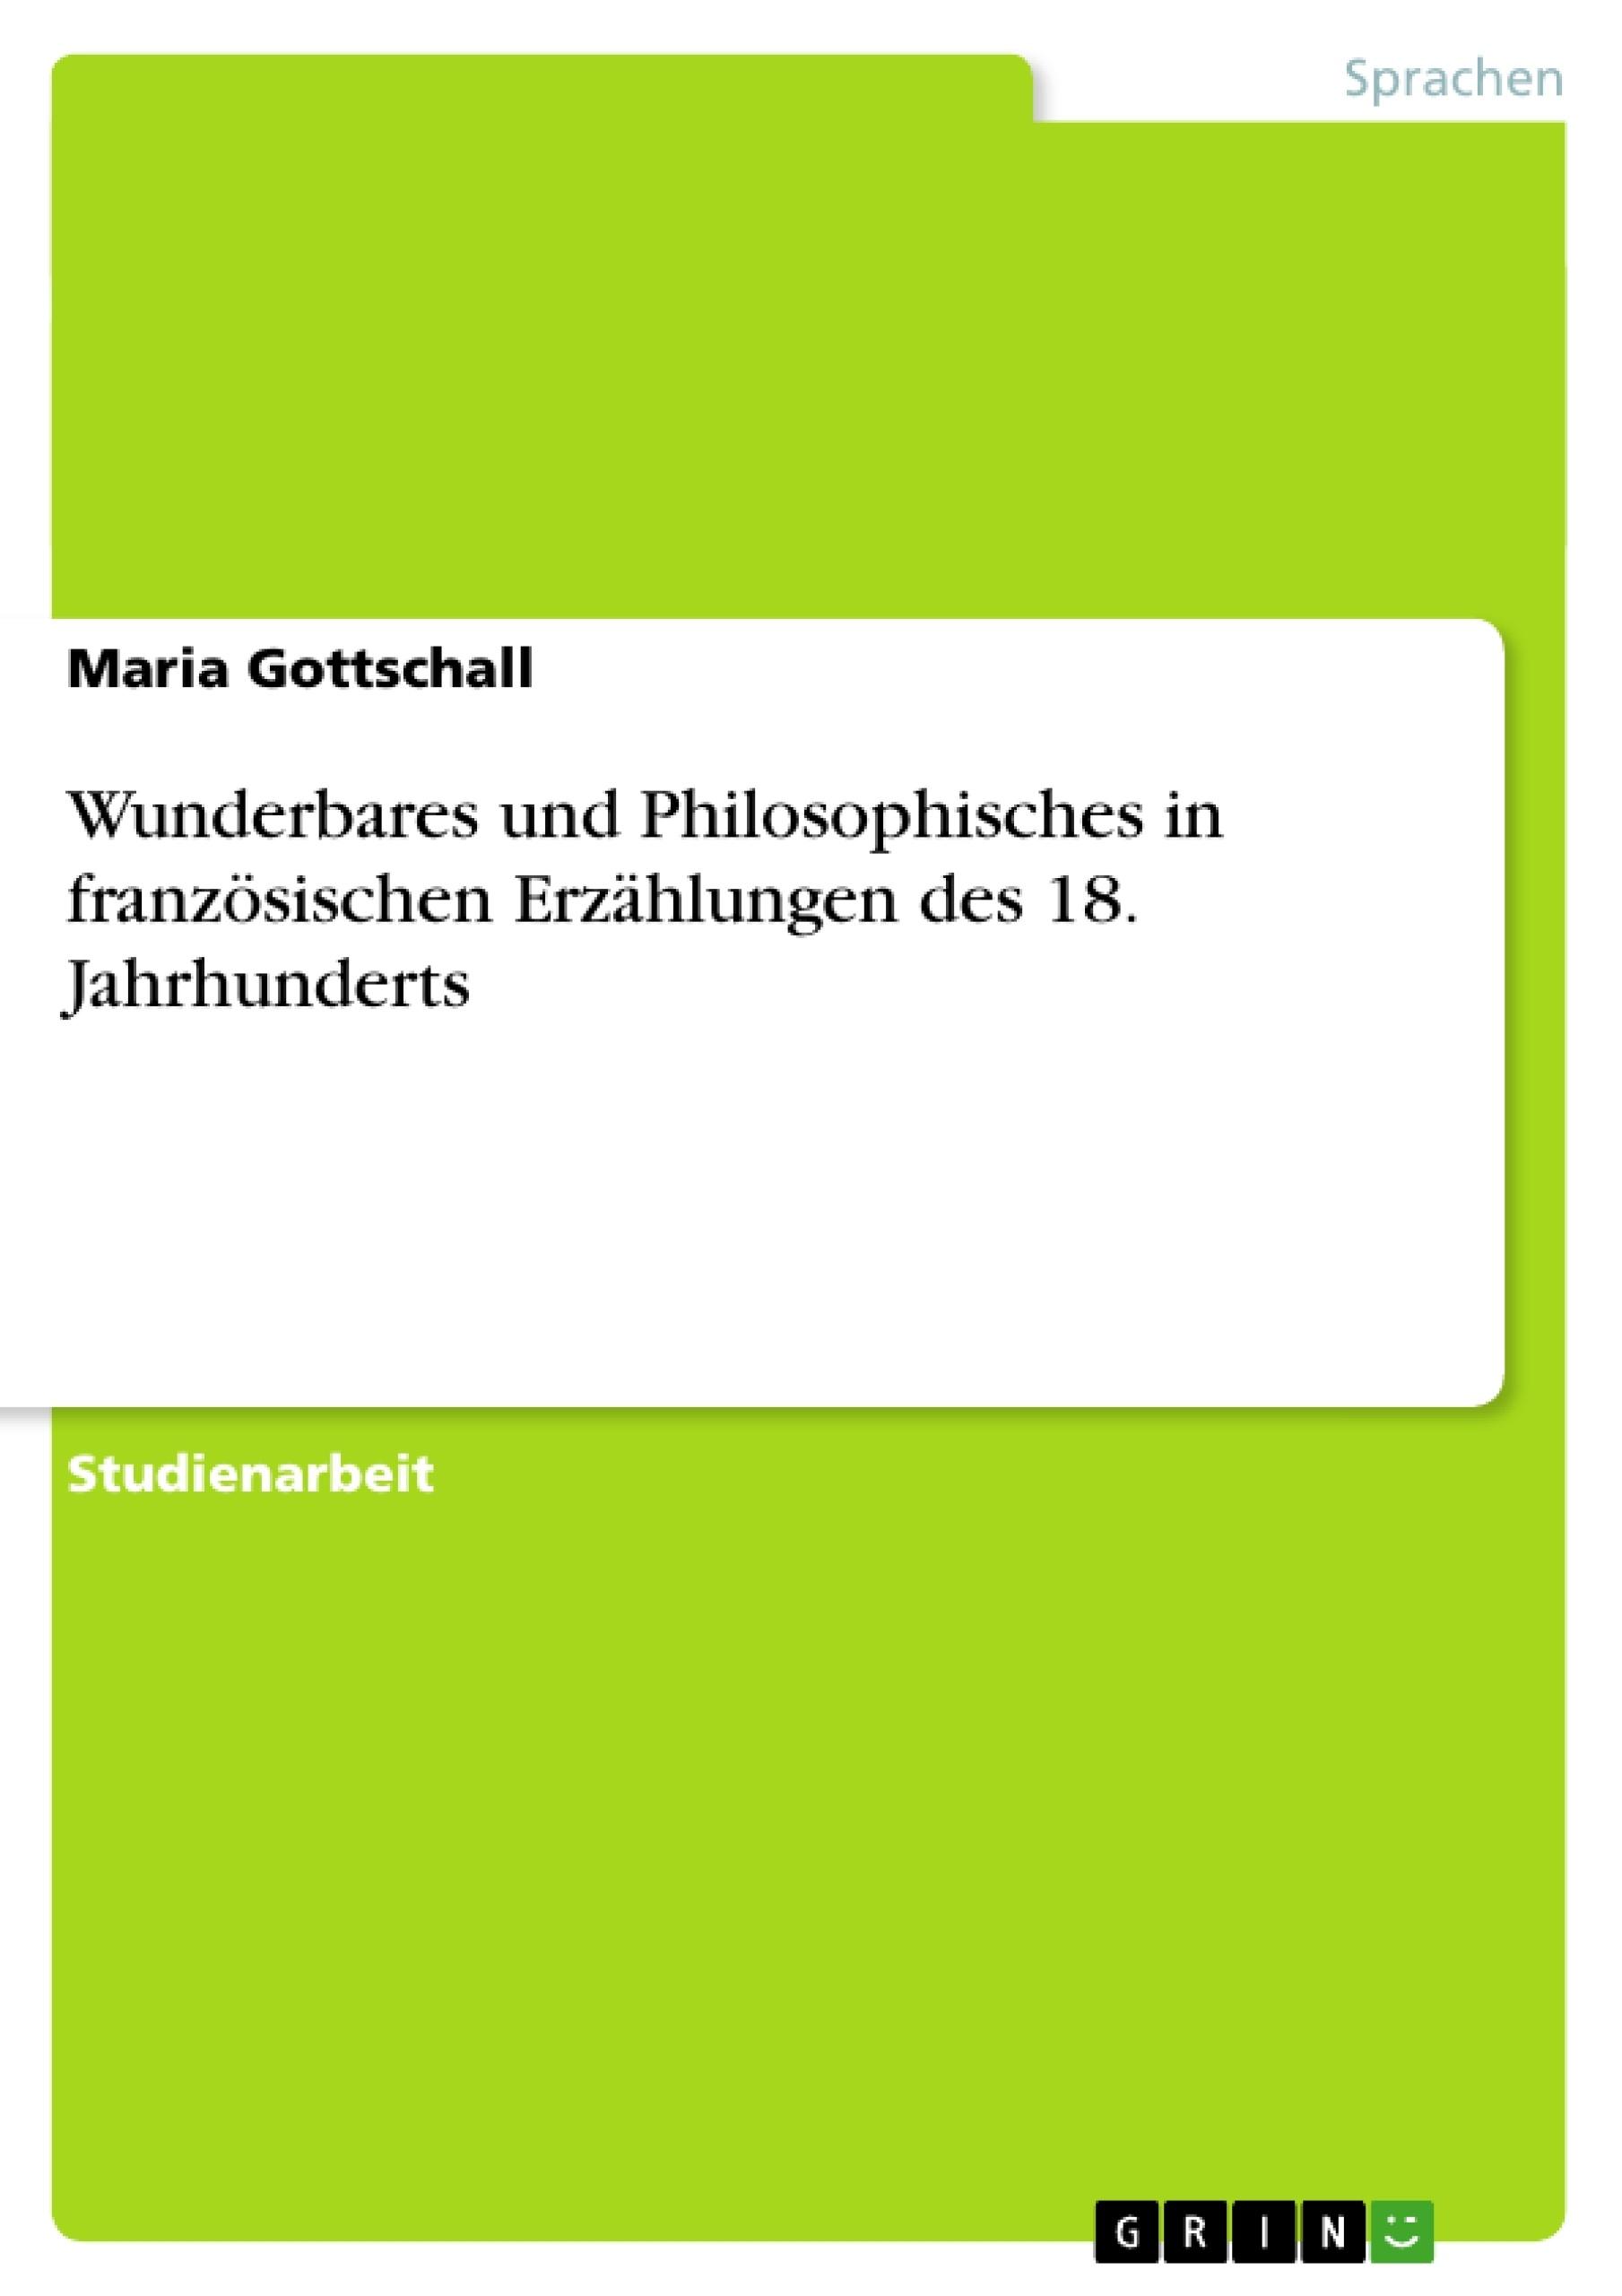 Titel: Wunderbares und Philosophisches in französischen Erzählungen des 18. Jahrhunderts